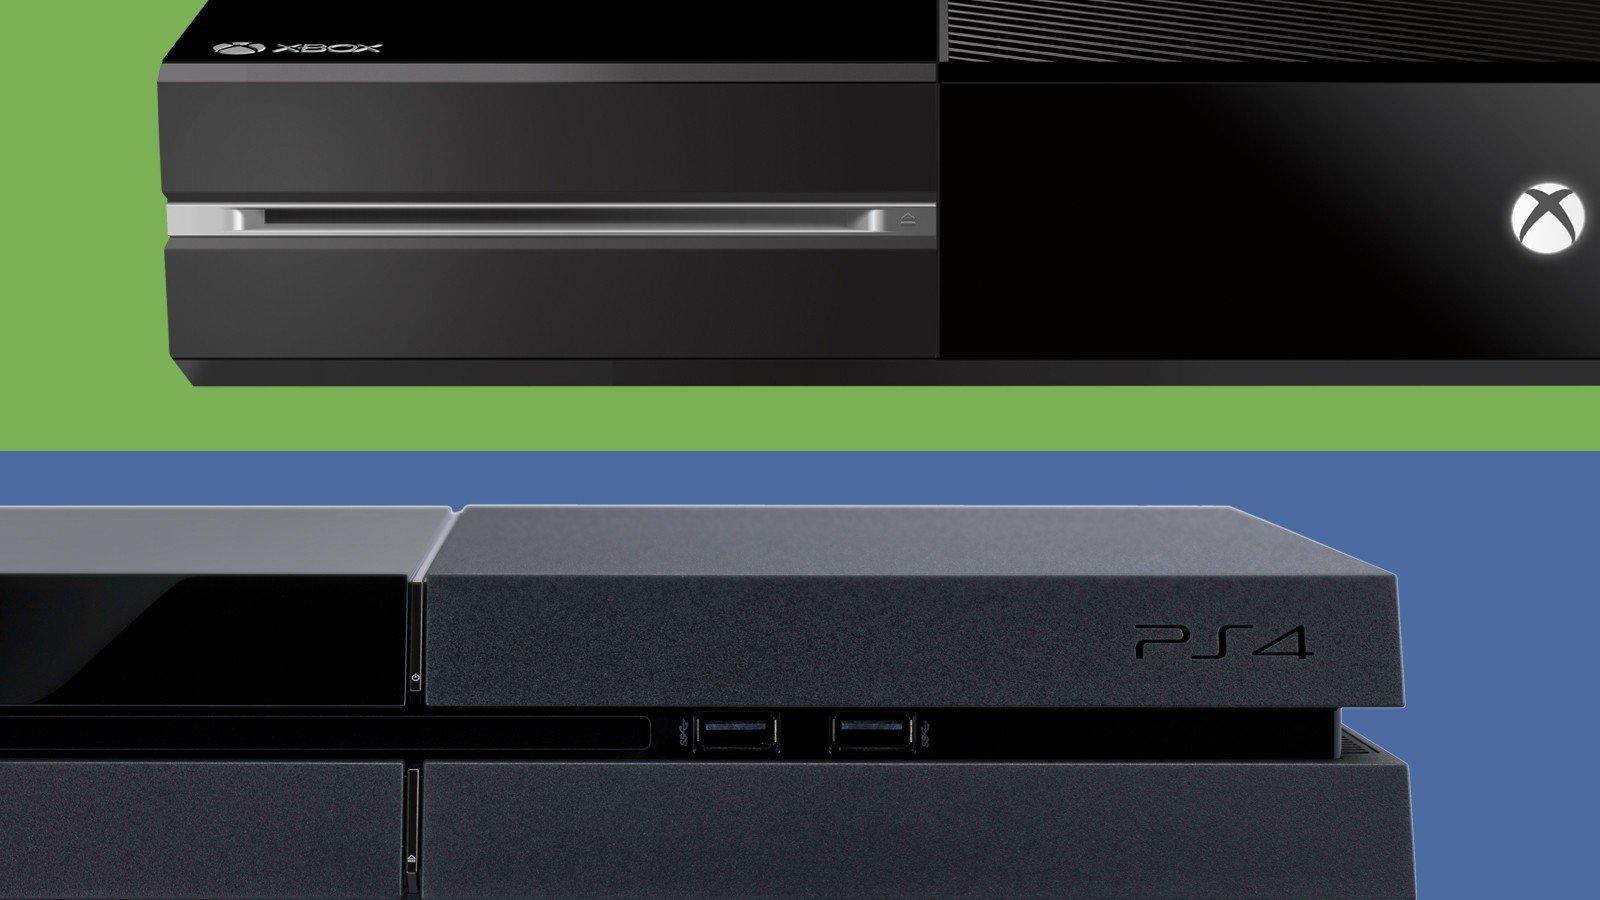 PlayStation 4 Pro sitúa a Sony como líder de ventas en Reino Unido